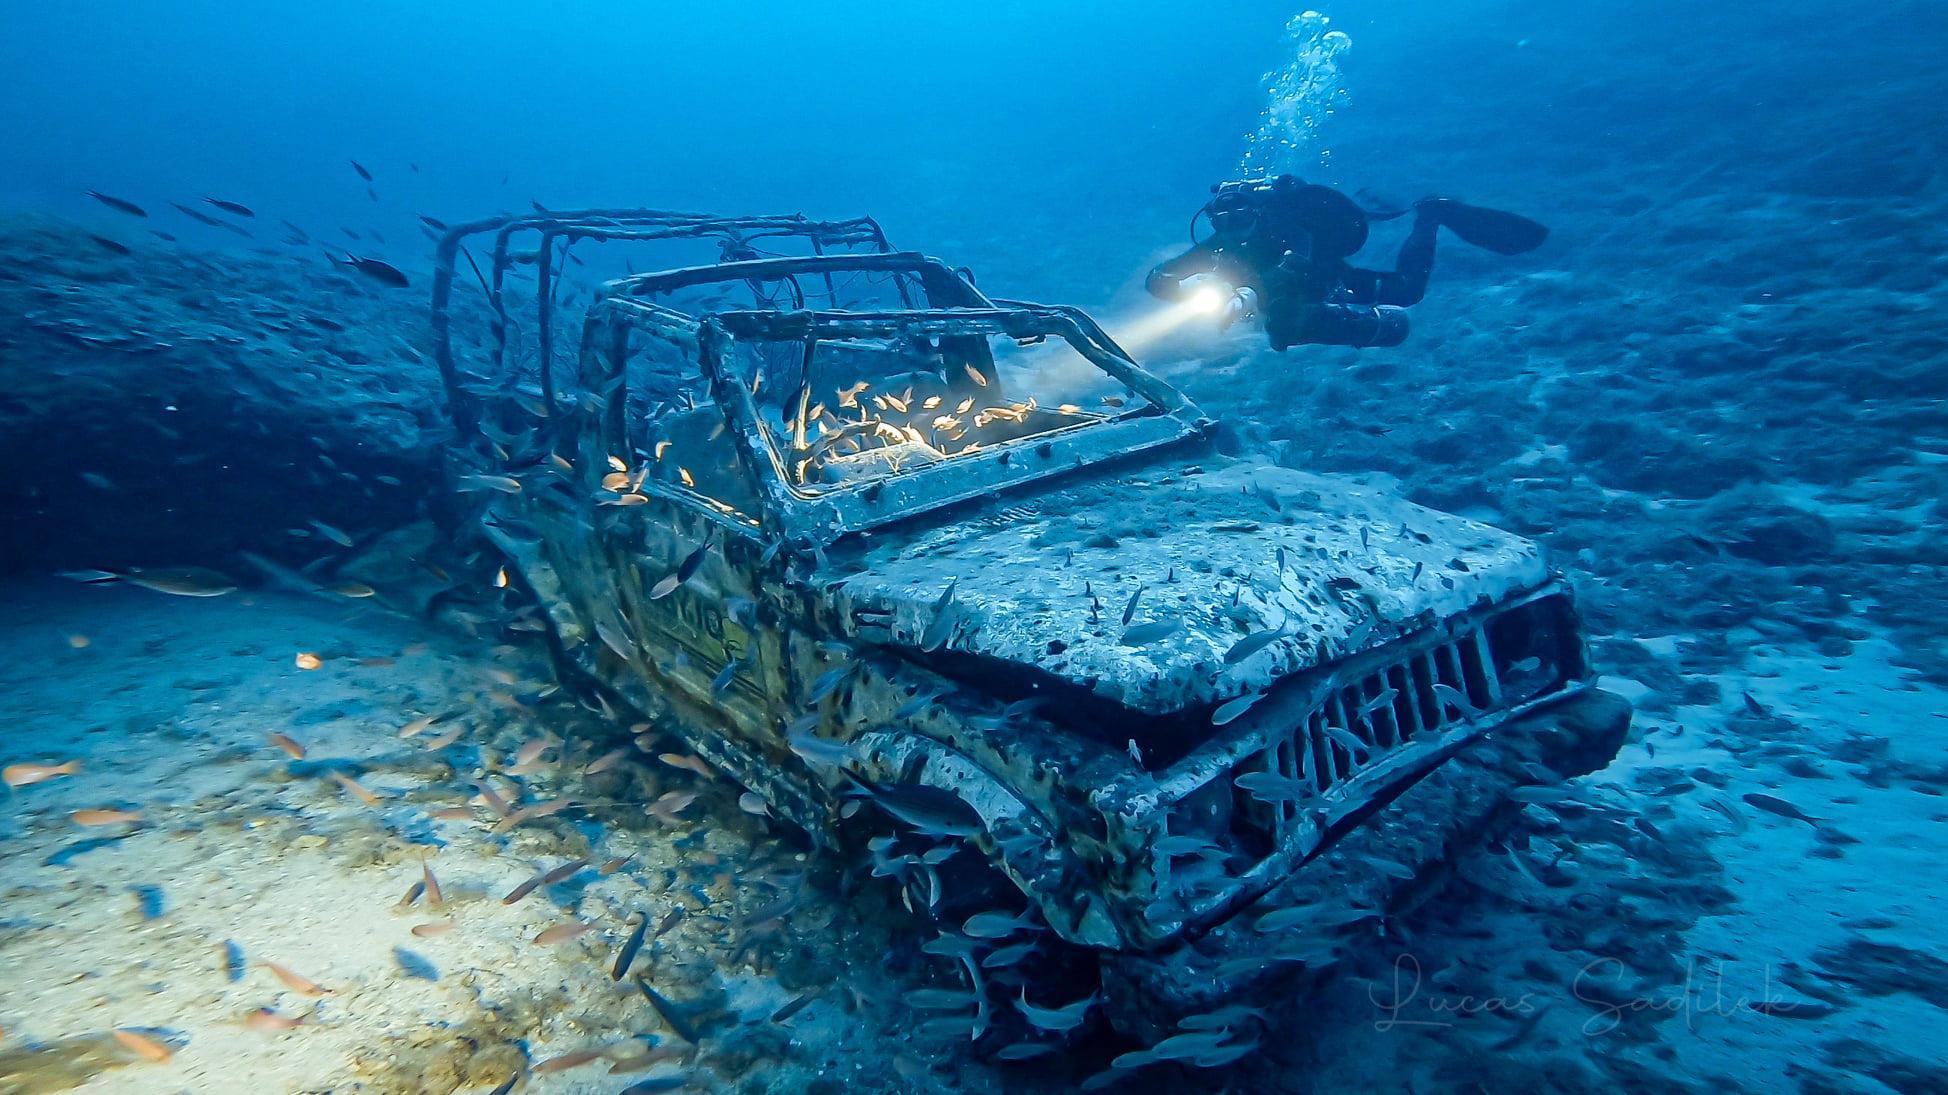 Maruti car wreck 200 meters west from Billinghurst Cave at depth of 55 meters [Lucas Sadilek]